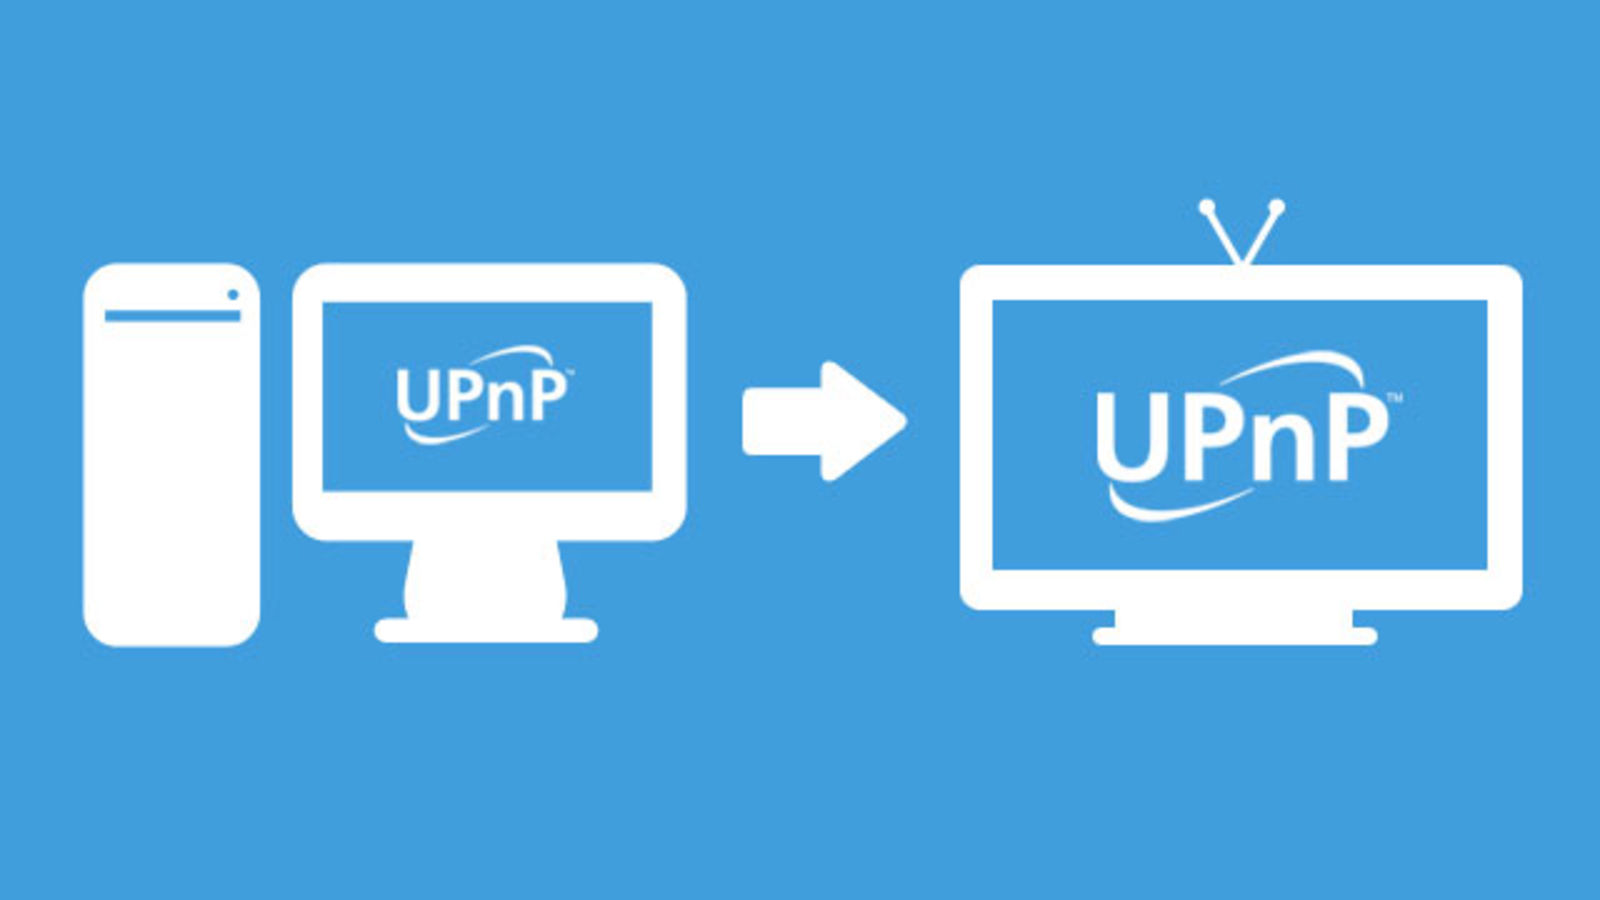 На многих бытовых смарт-устройствах включены устаревшие и уязвимые версии UPnP